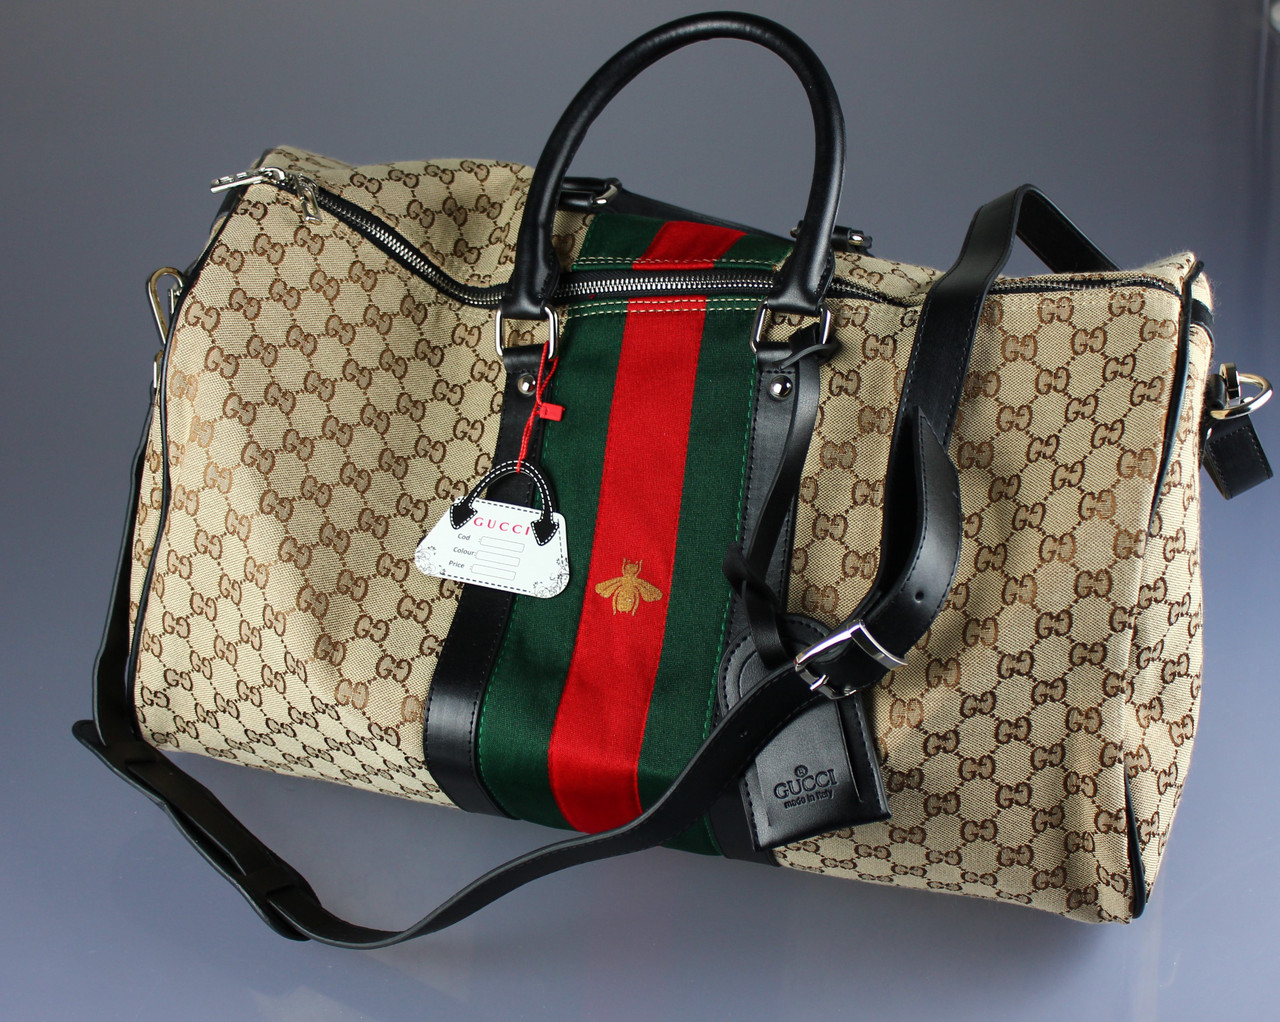 cb91d22b96e4 Женская сумка Gucci оптом. {есть:коричневый}: продажа, цена в Львове ...